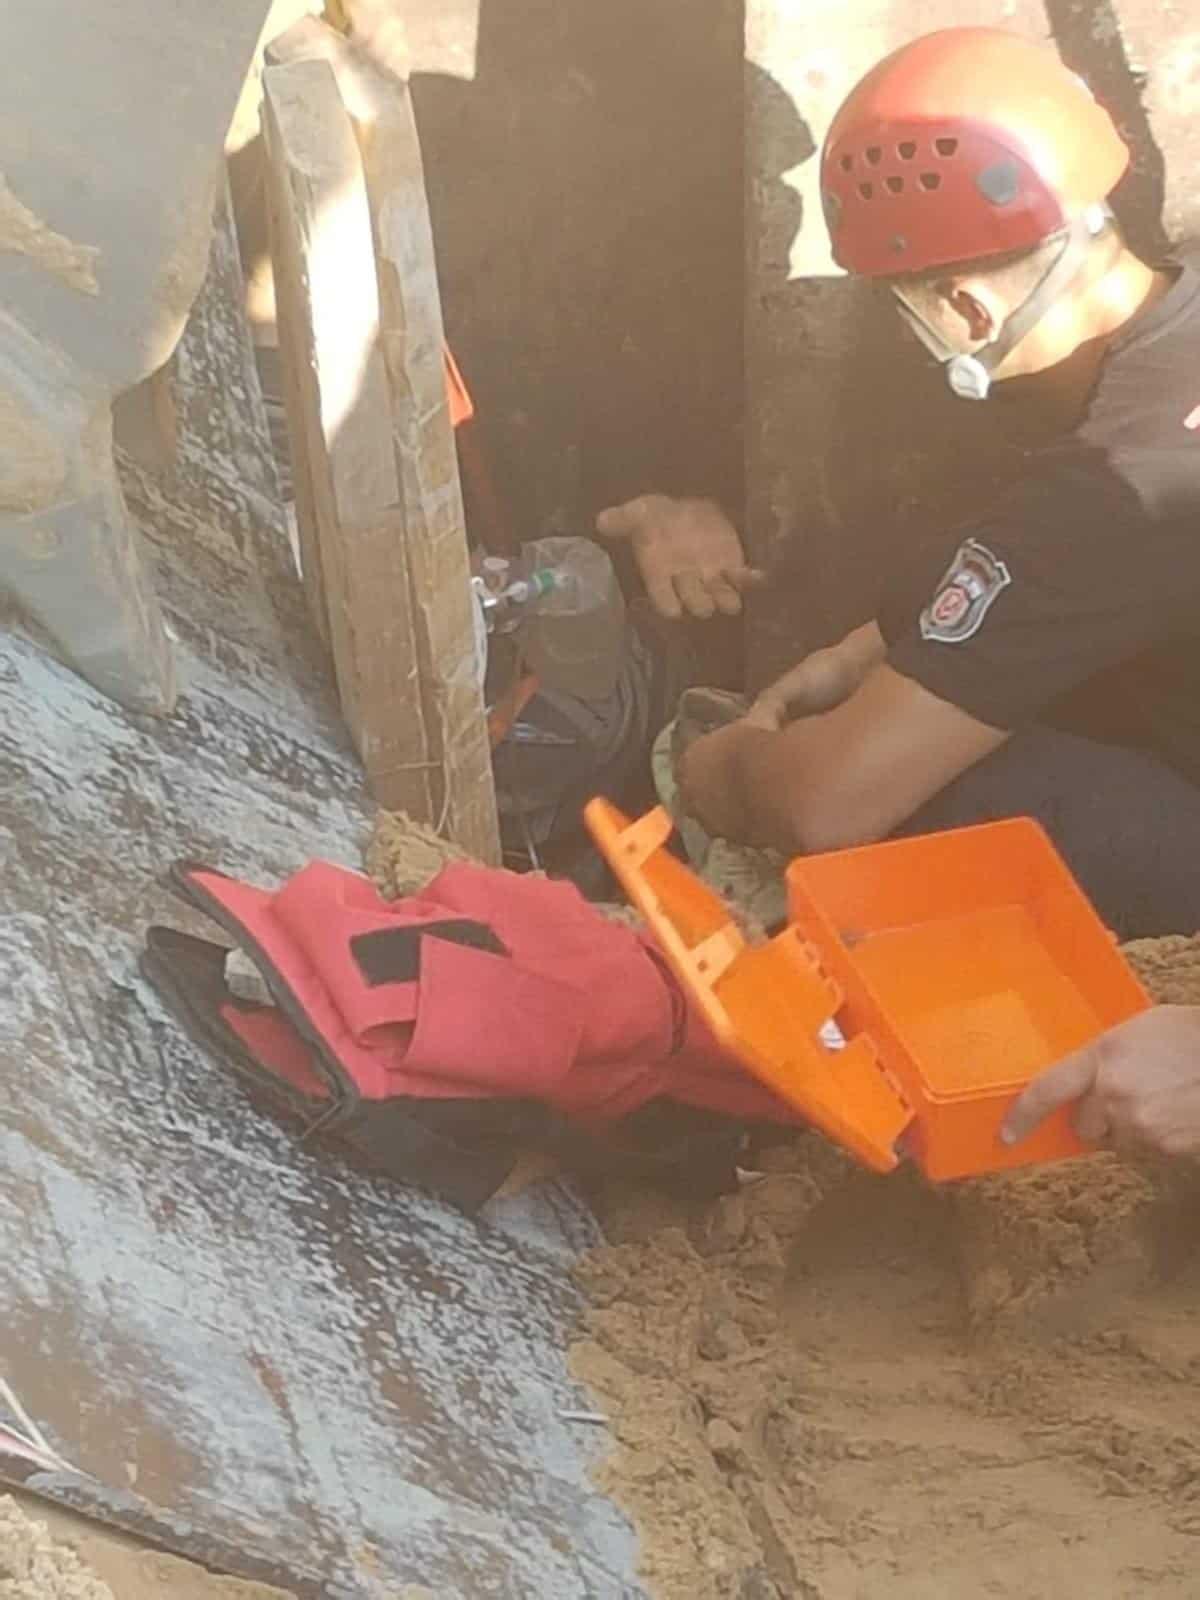 הועבר במצב בינוני לבית החולים, צילום: באדיבות דוברות איחוד הצלה